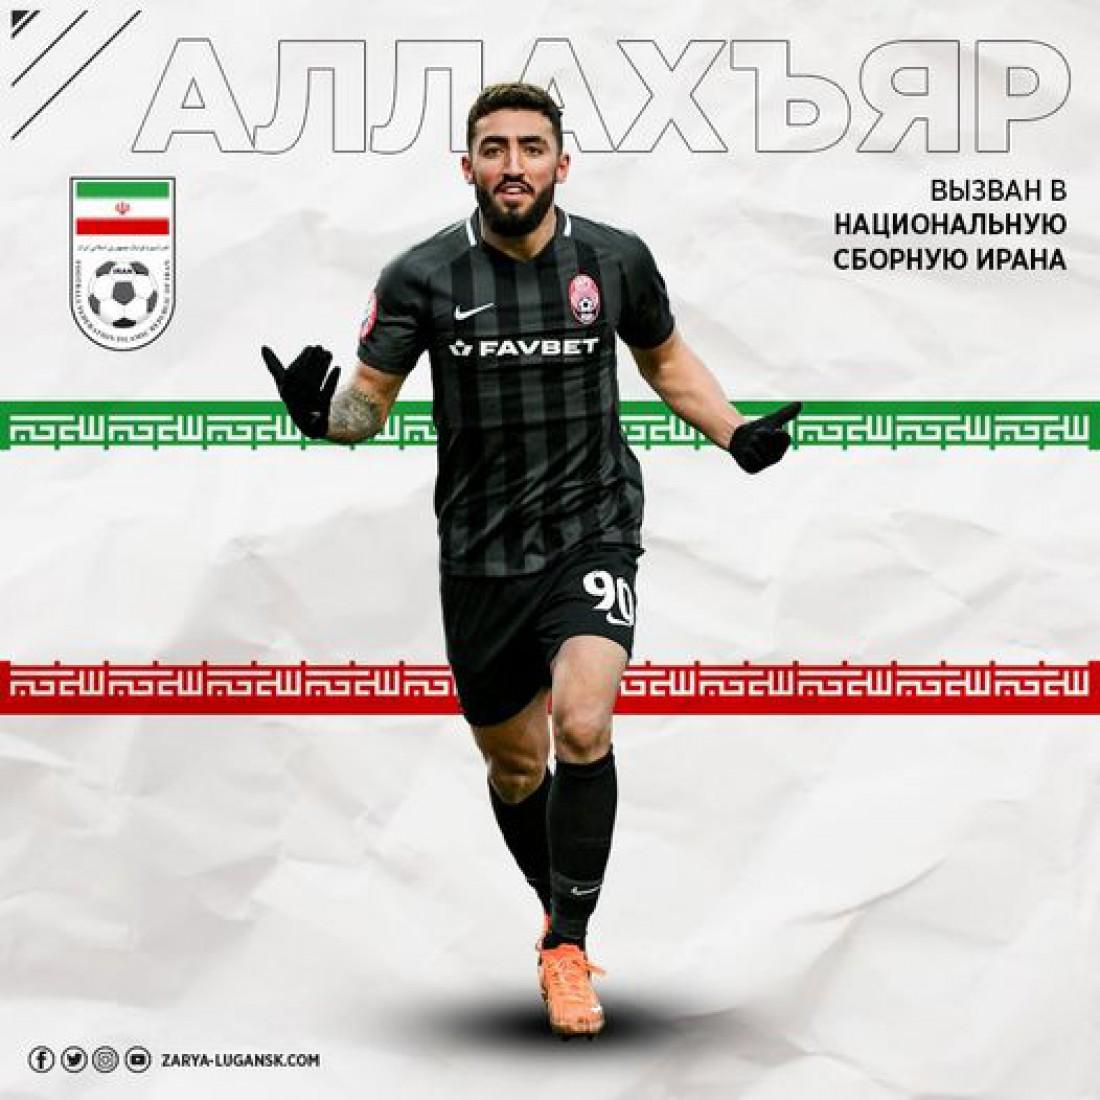 Сайядманеш вызван в сборную Ирана